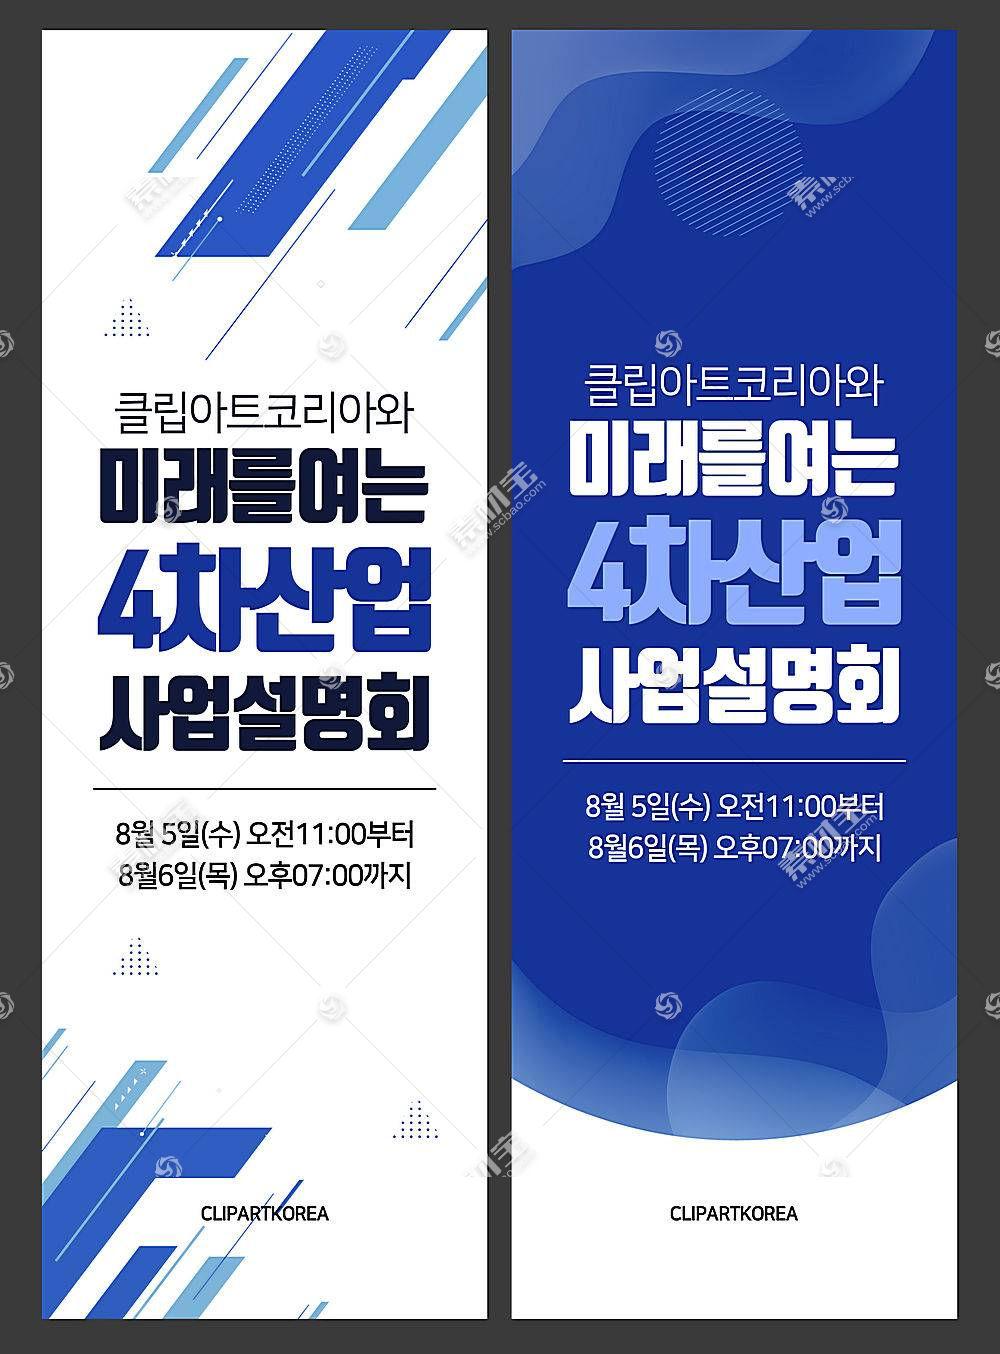 蓝色时尚简洁主题韩式海报设计